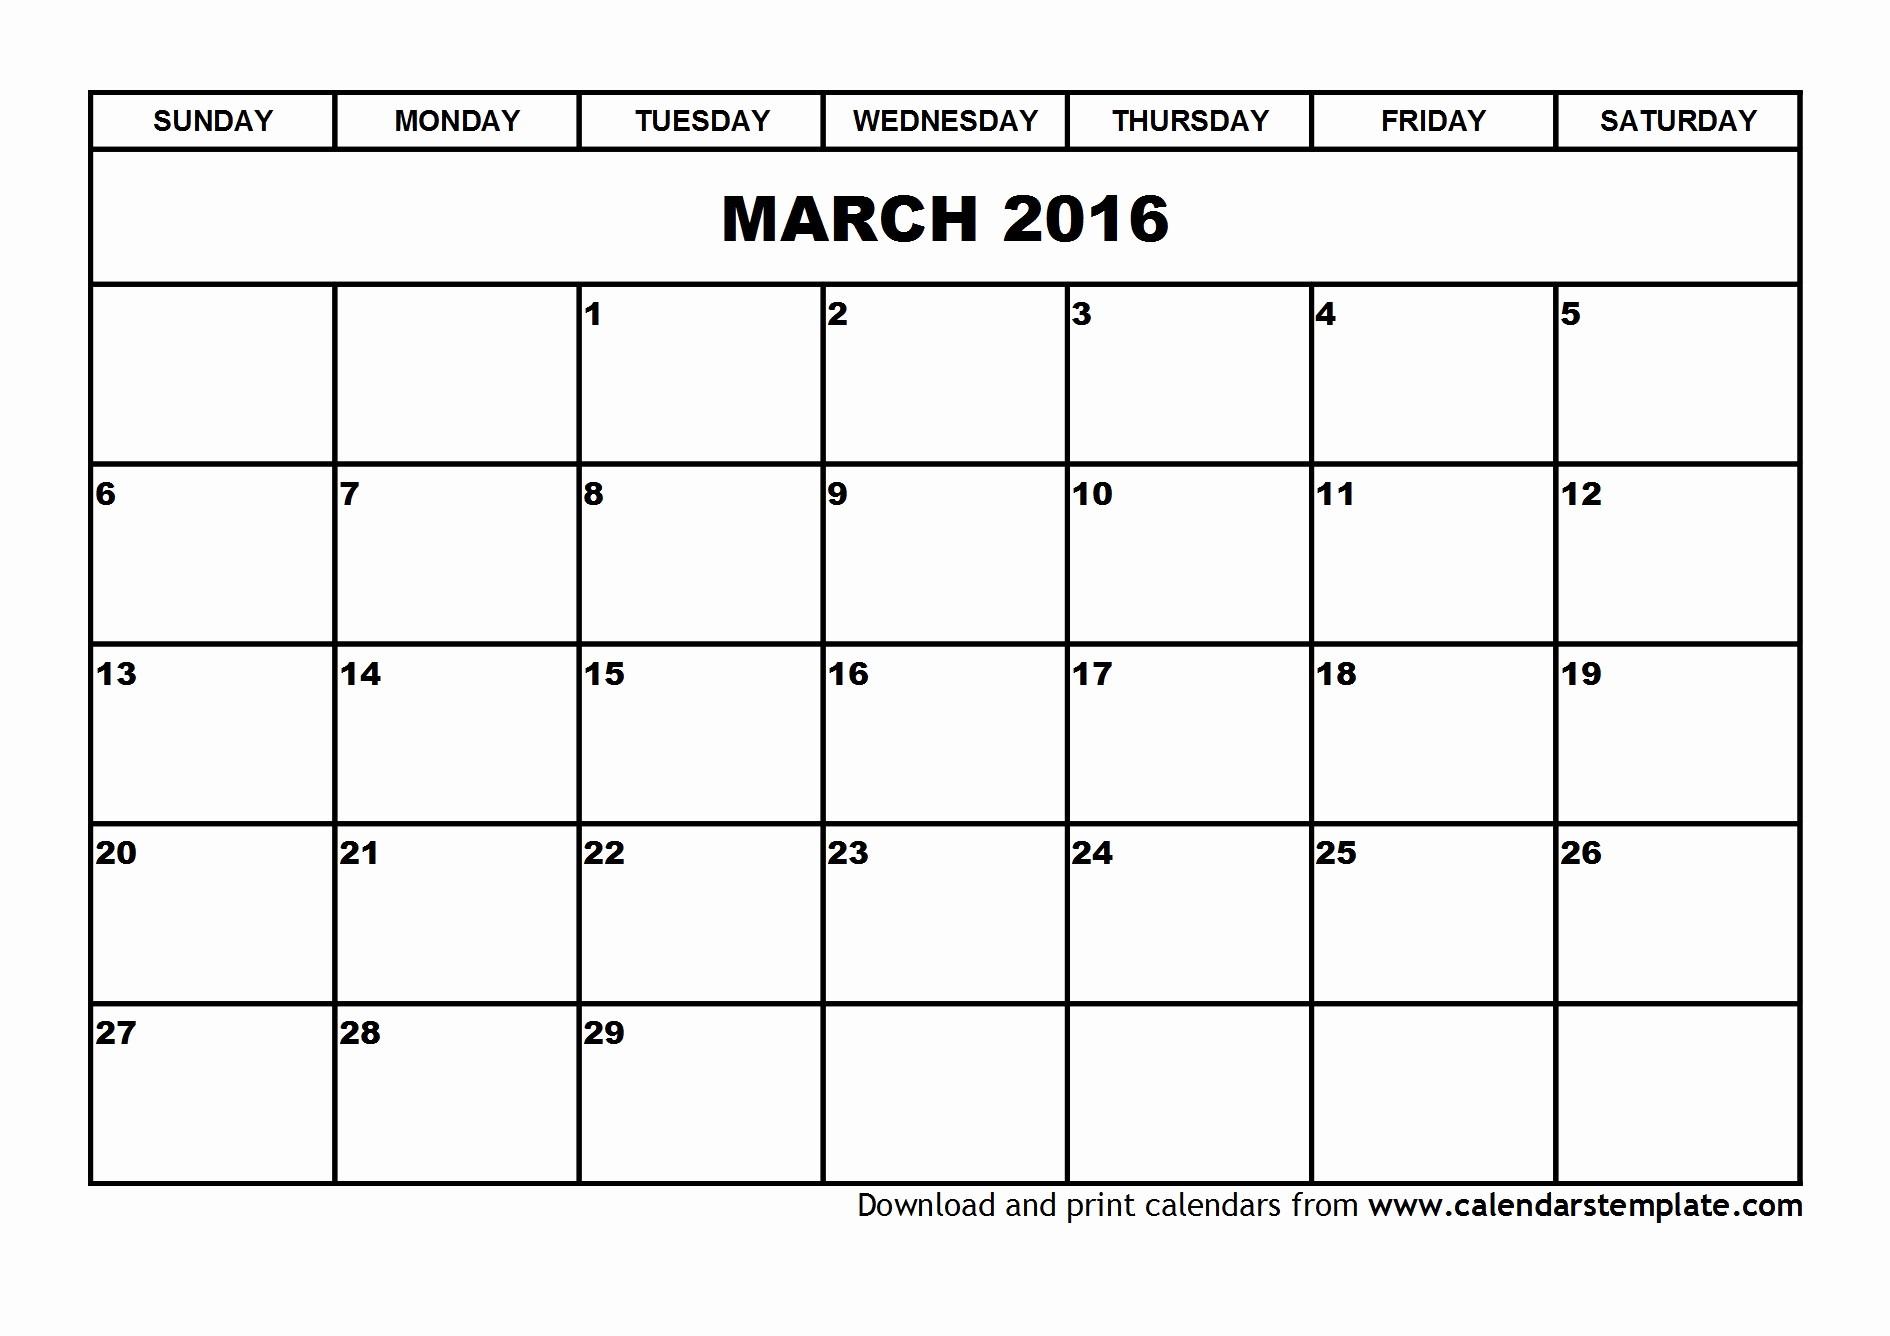 Free Downloadable 2016 Calendar Template New March 2016 Calendar Template